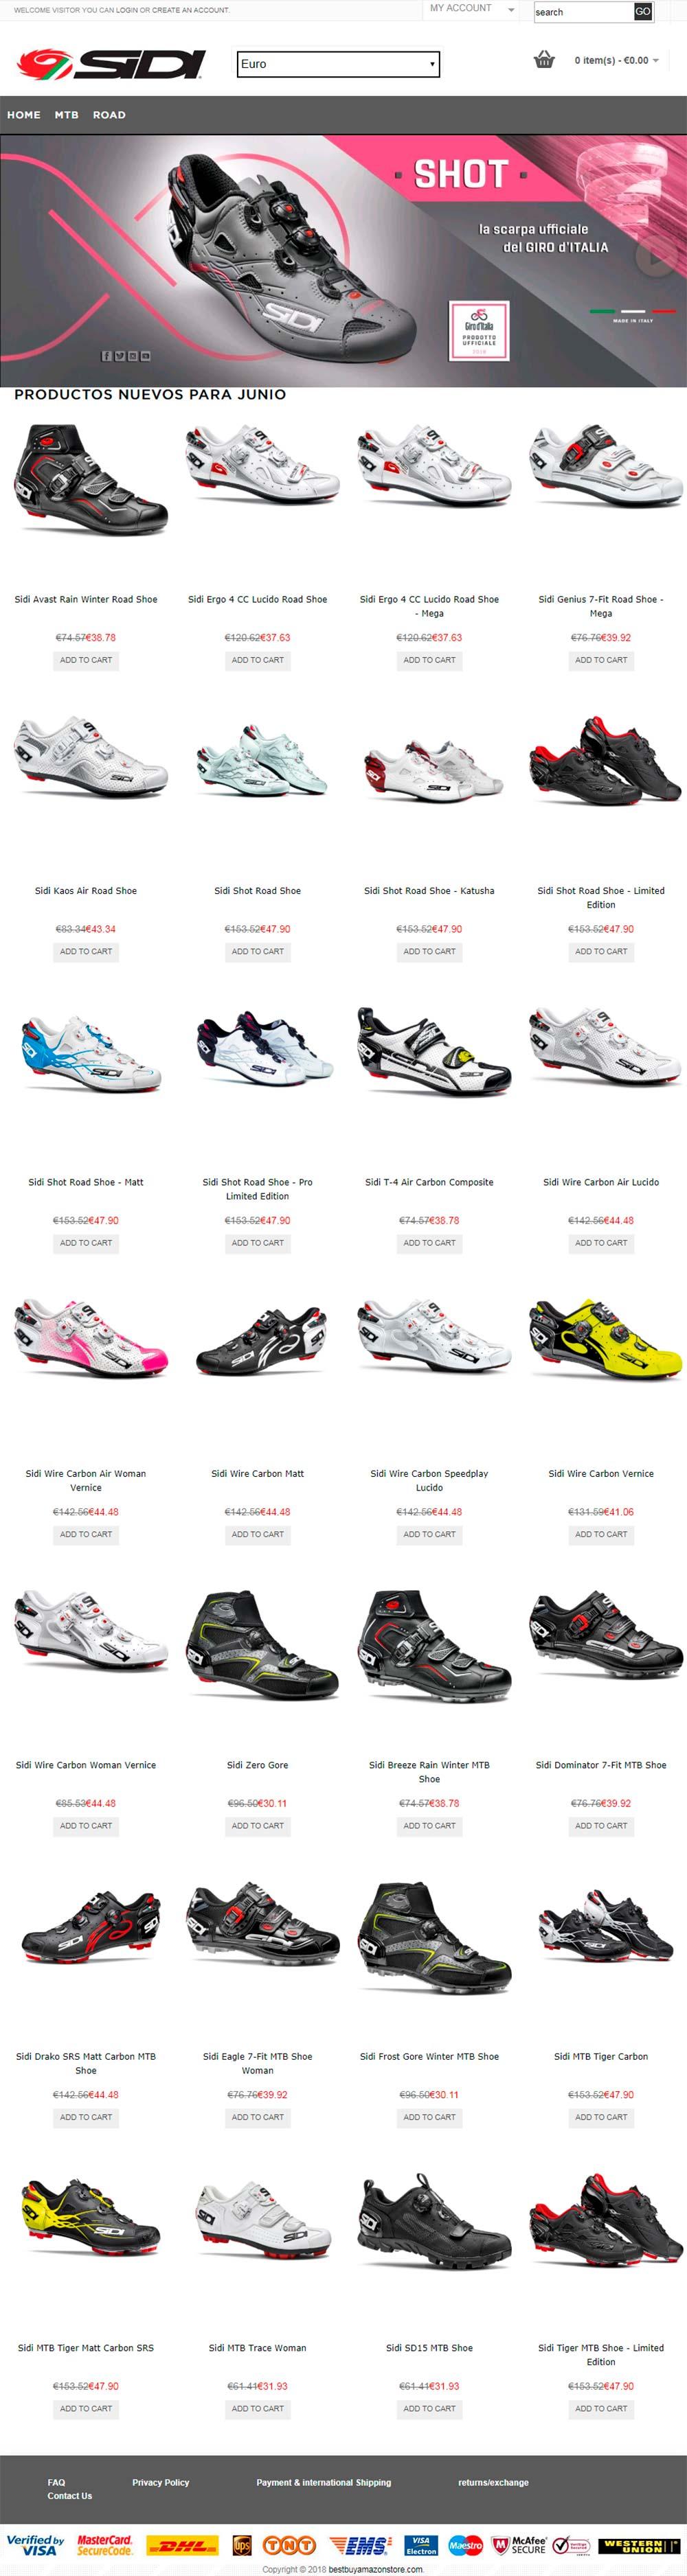 En TodoMountainBike: Sidi advierte a los consumidores de una estafa con sus zapatillas en varias tiendas online